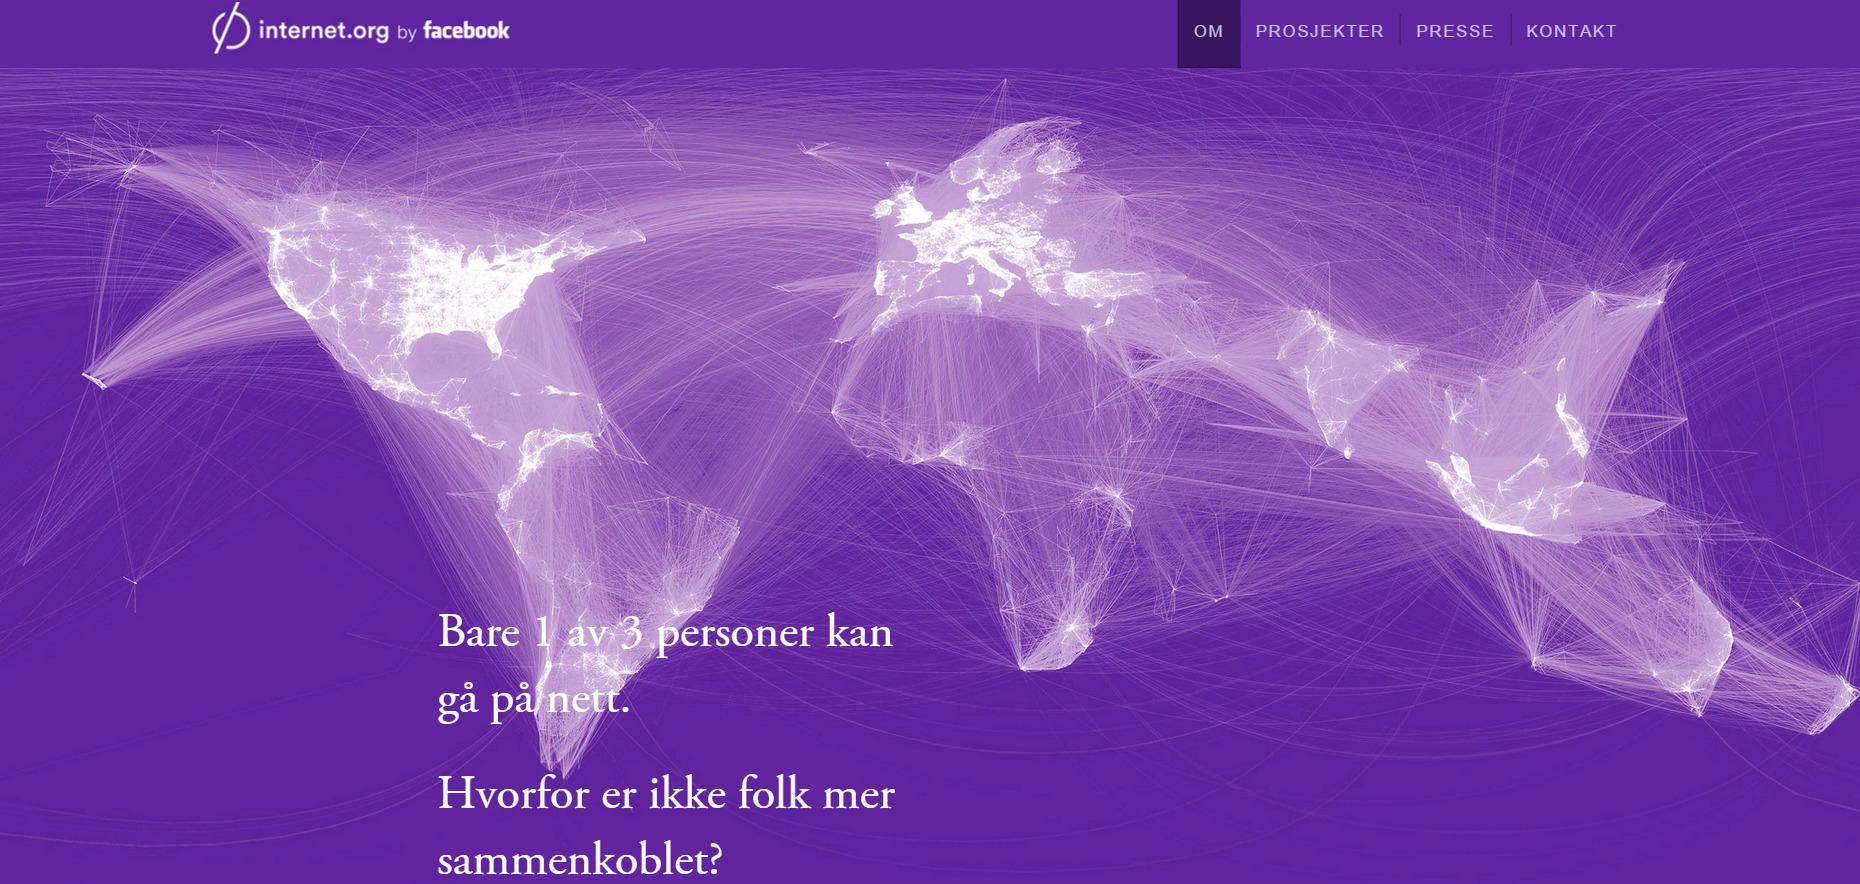 Internet.org ønsker å bringe nettet, inkludert Facebook, til alle. Foto: Internet.org